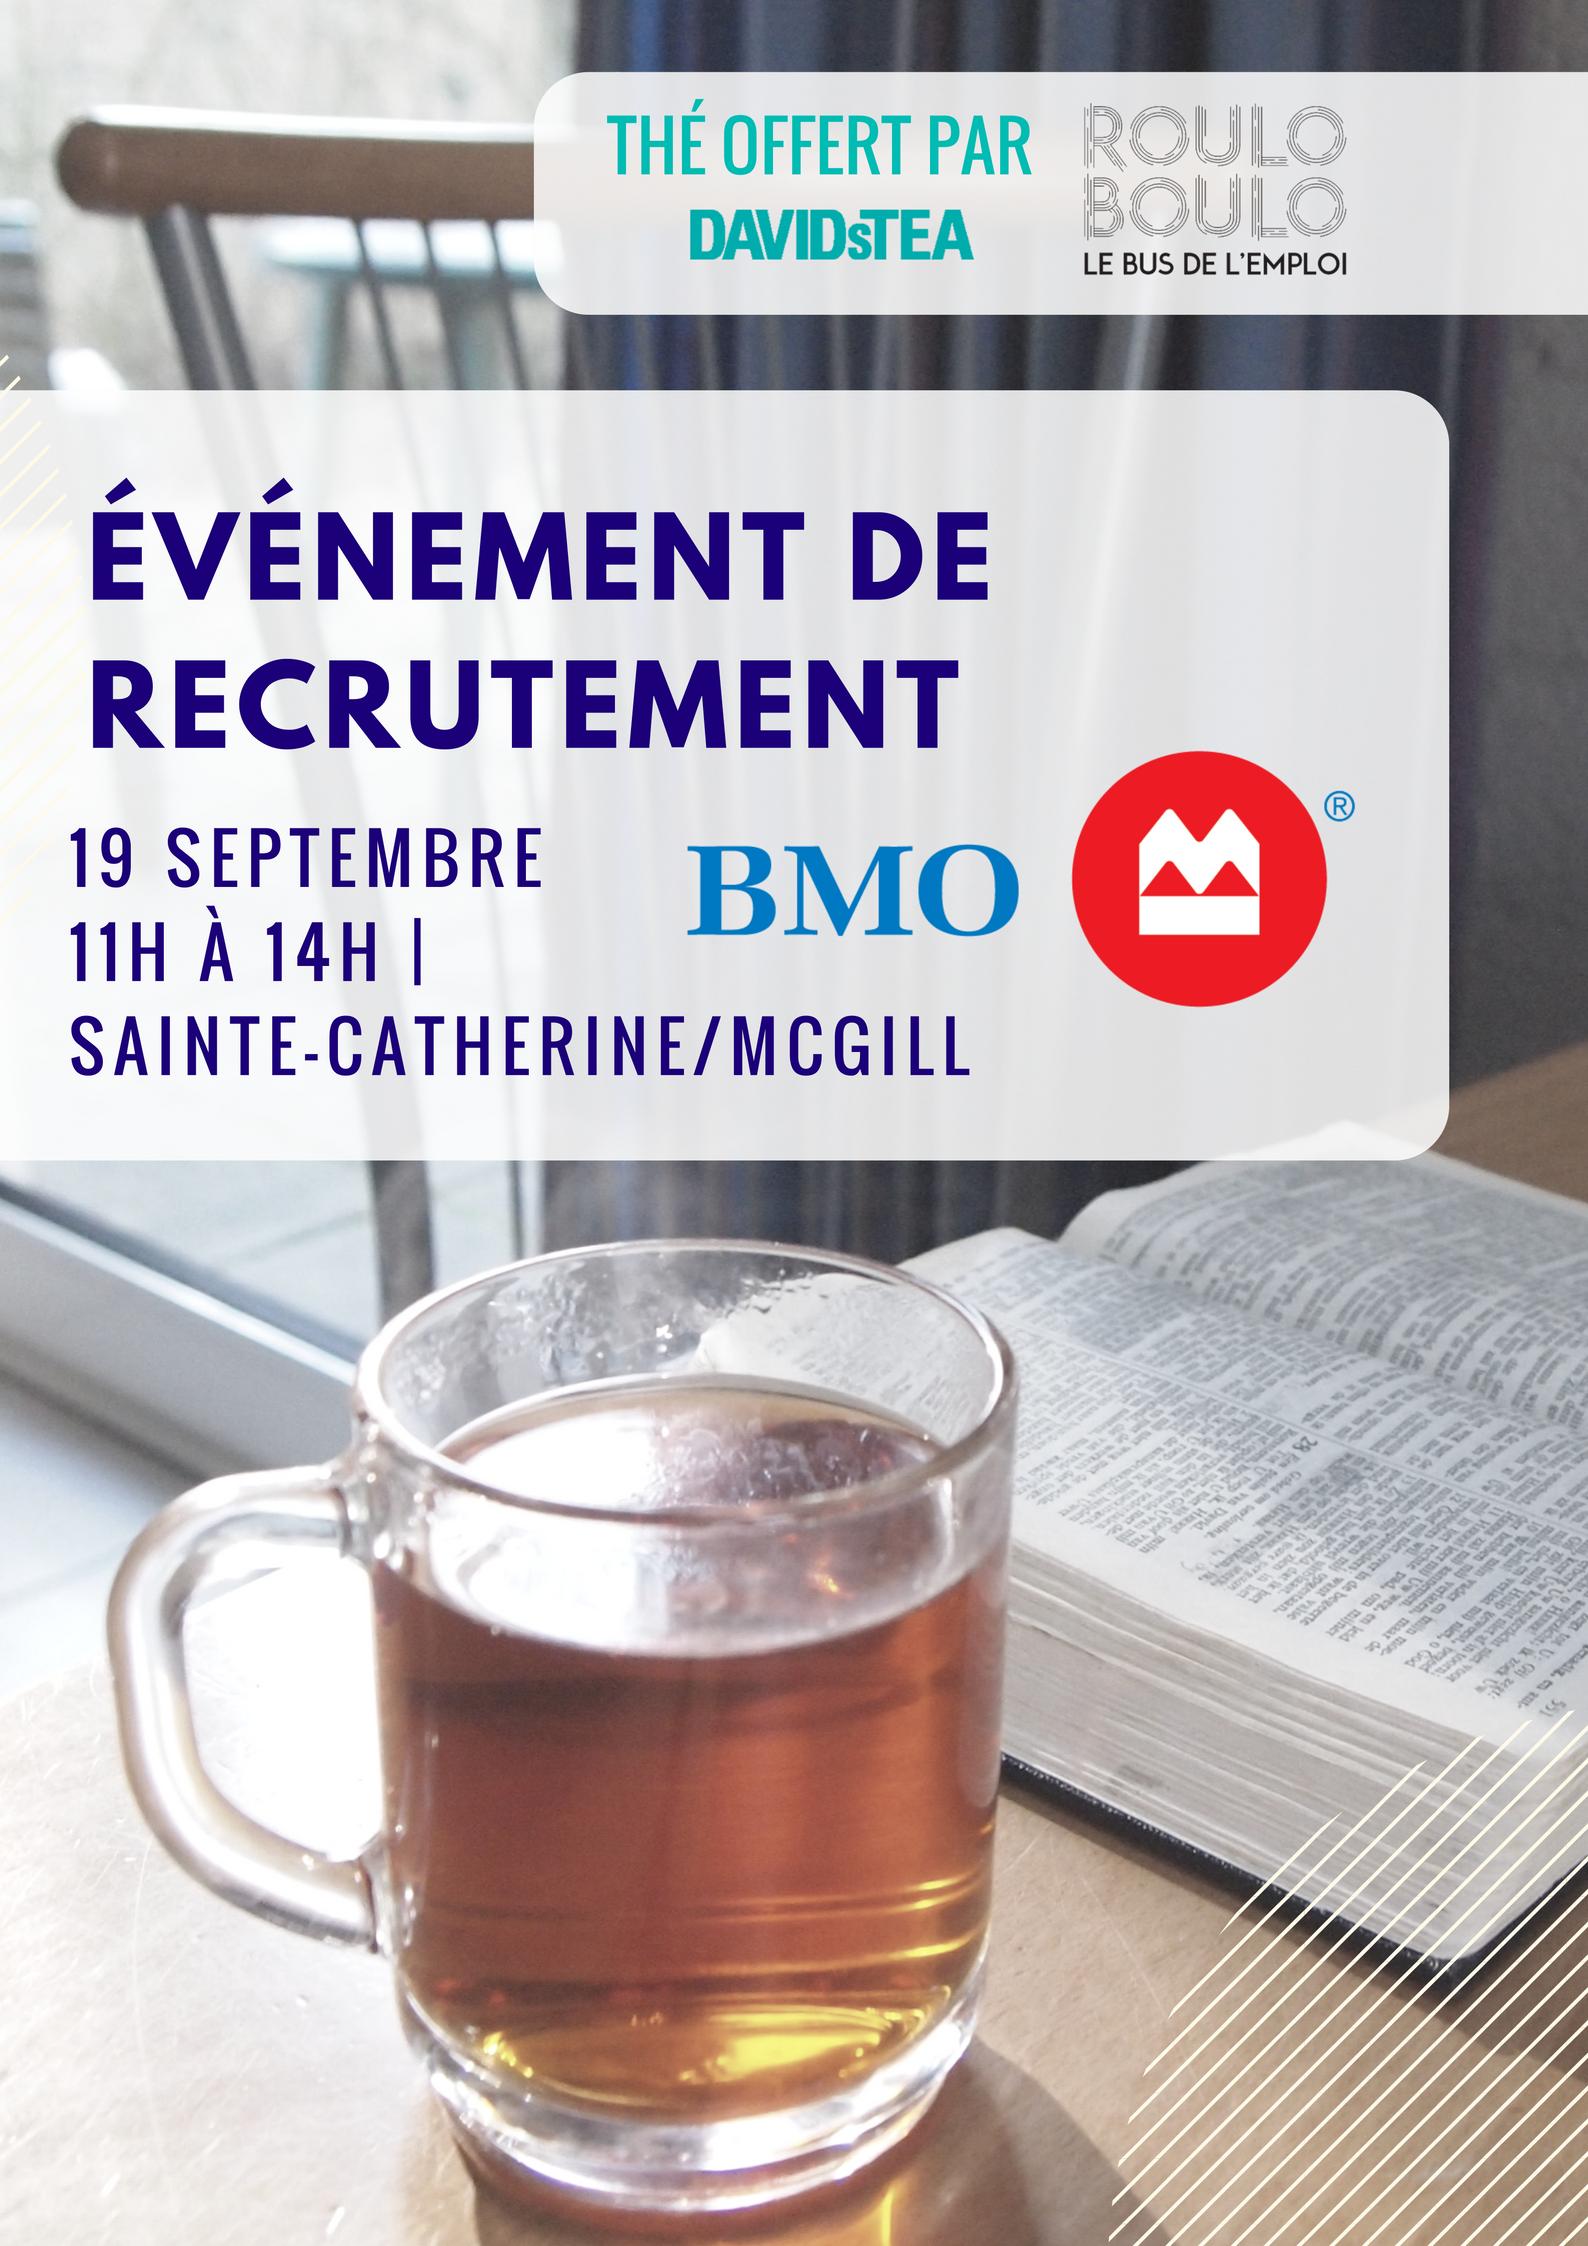 Image Événement de recrutement avec BMO